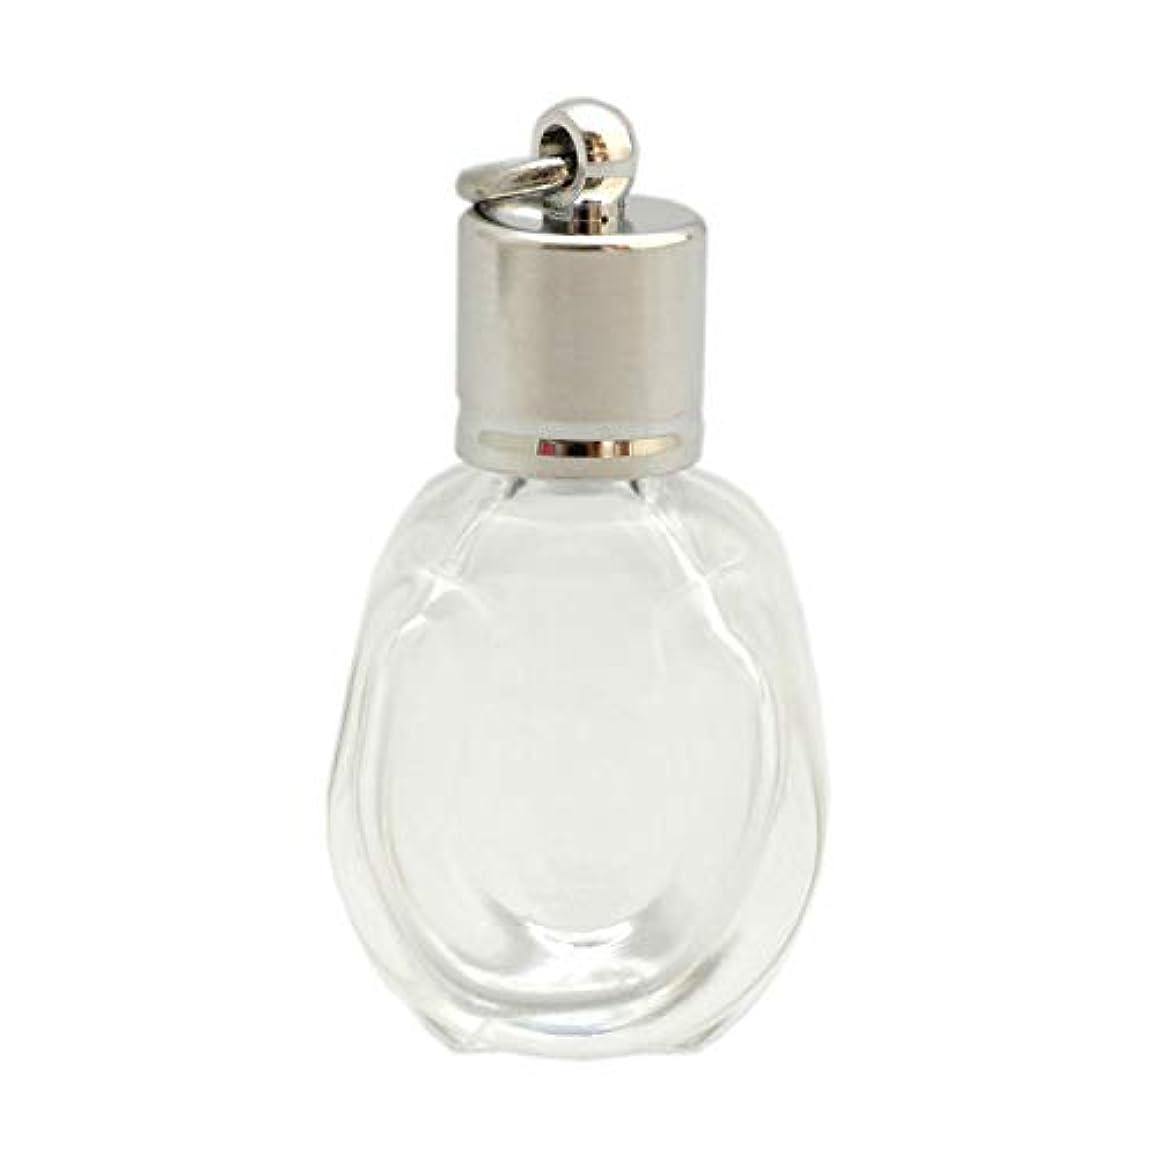 優勢悪性腫瘍リンスミニ香水瓶 アロマペンダントトップ 馬蹄型(透明 容量1.3ml)×穴あきキャップ シルバー